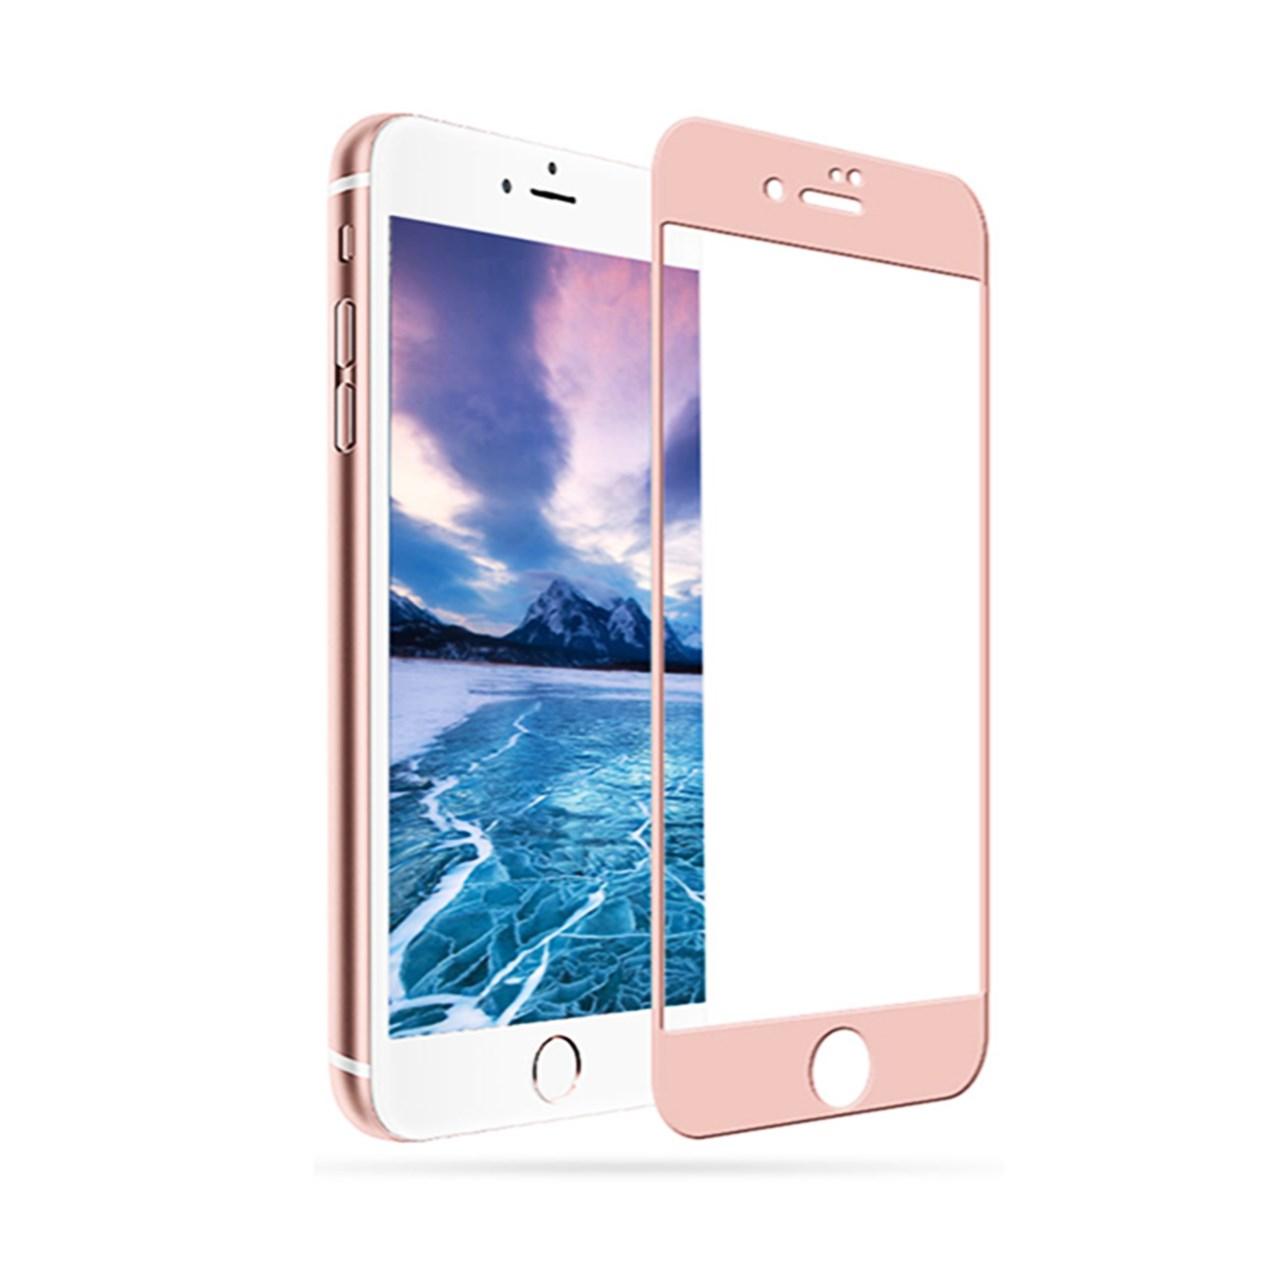 محافظ صفحه نمایش  شیشه ای برند Remax مناسب برای گوشی موبایل اپل  iPhone 6/6s plus